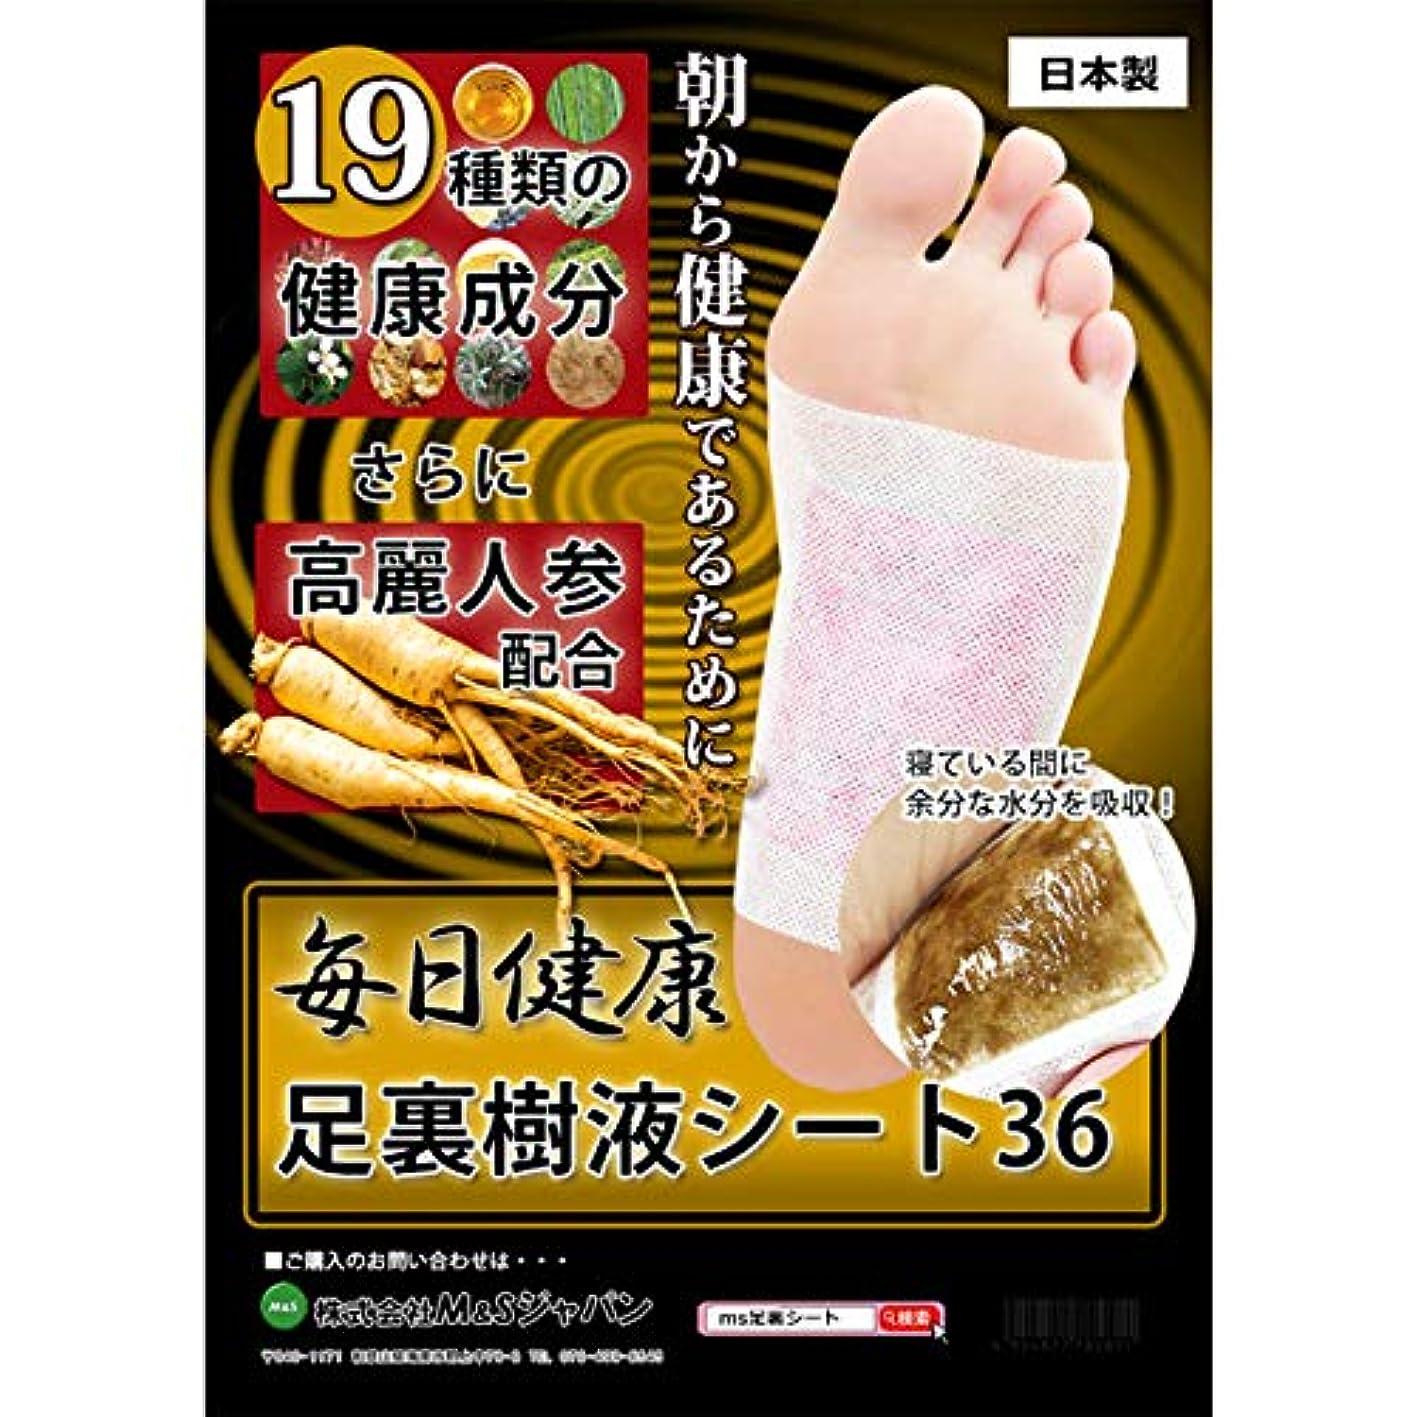 毎日 健康 足裏樹液シート 高麗人参入り+19種類の健康成分 36枚 日本製